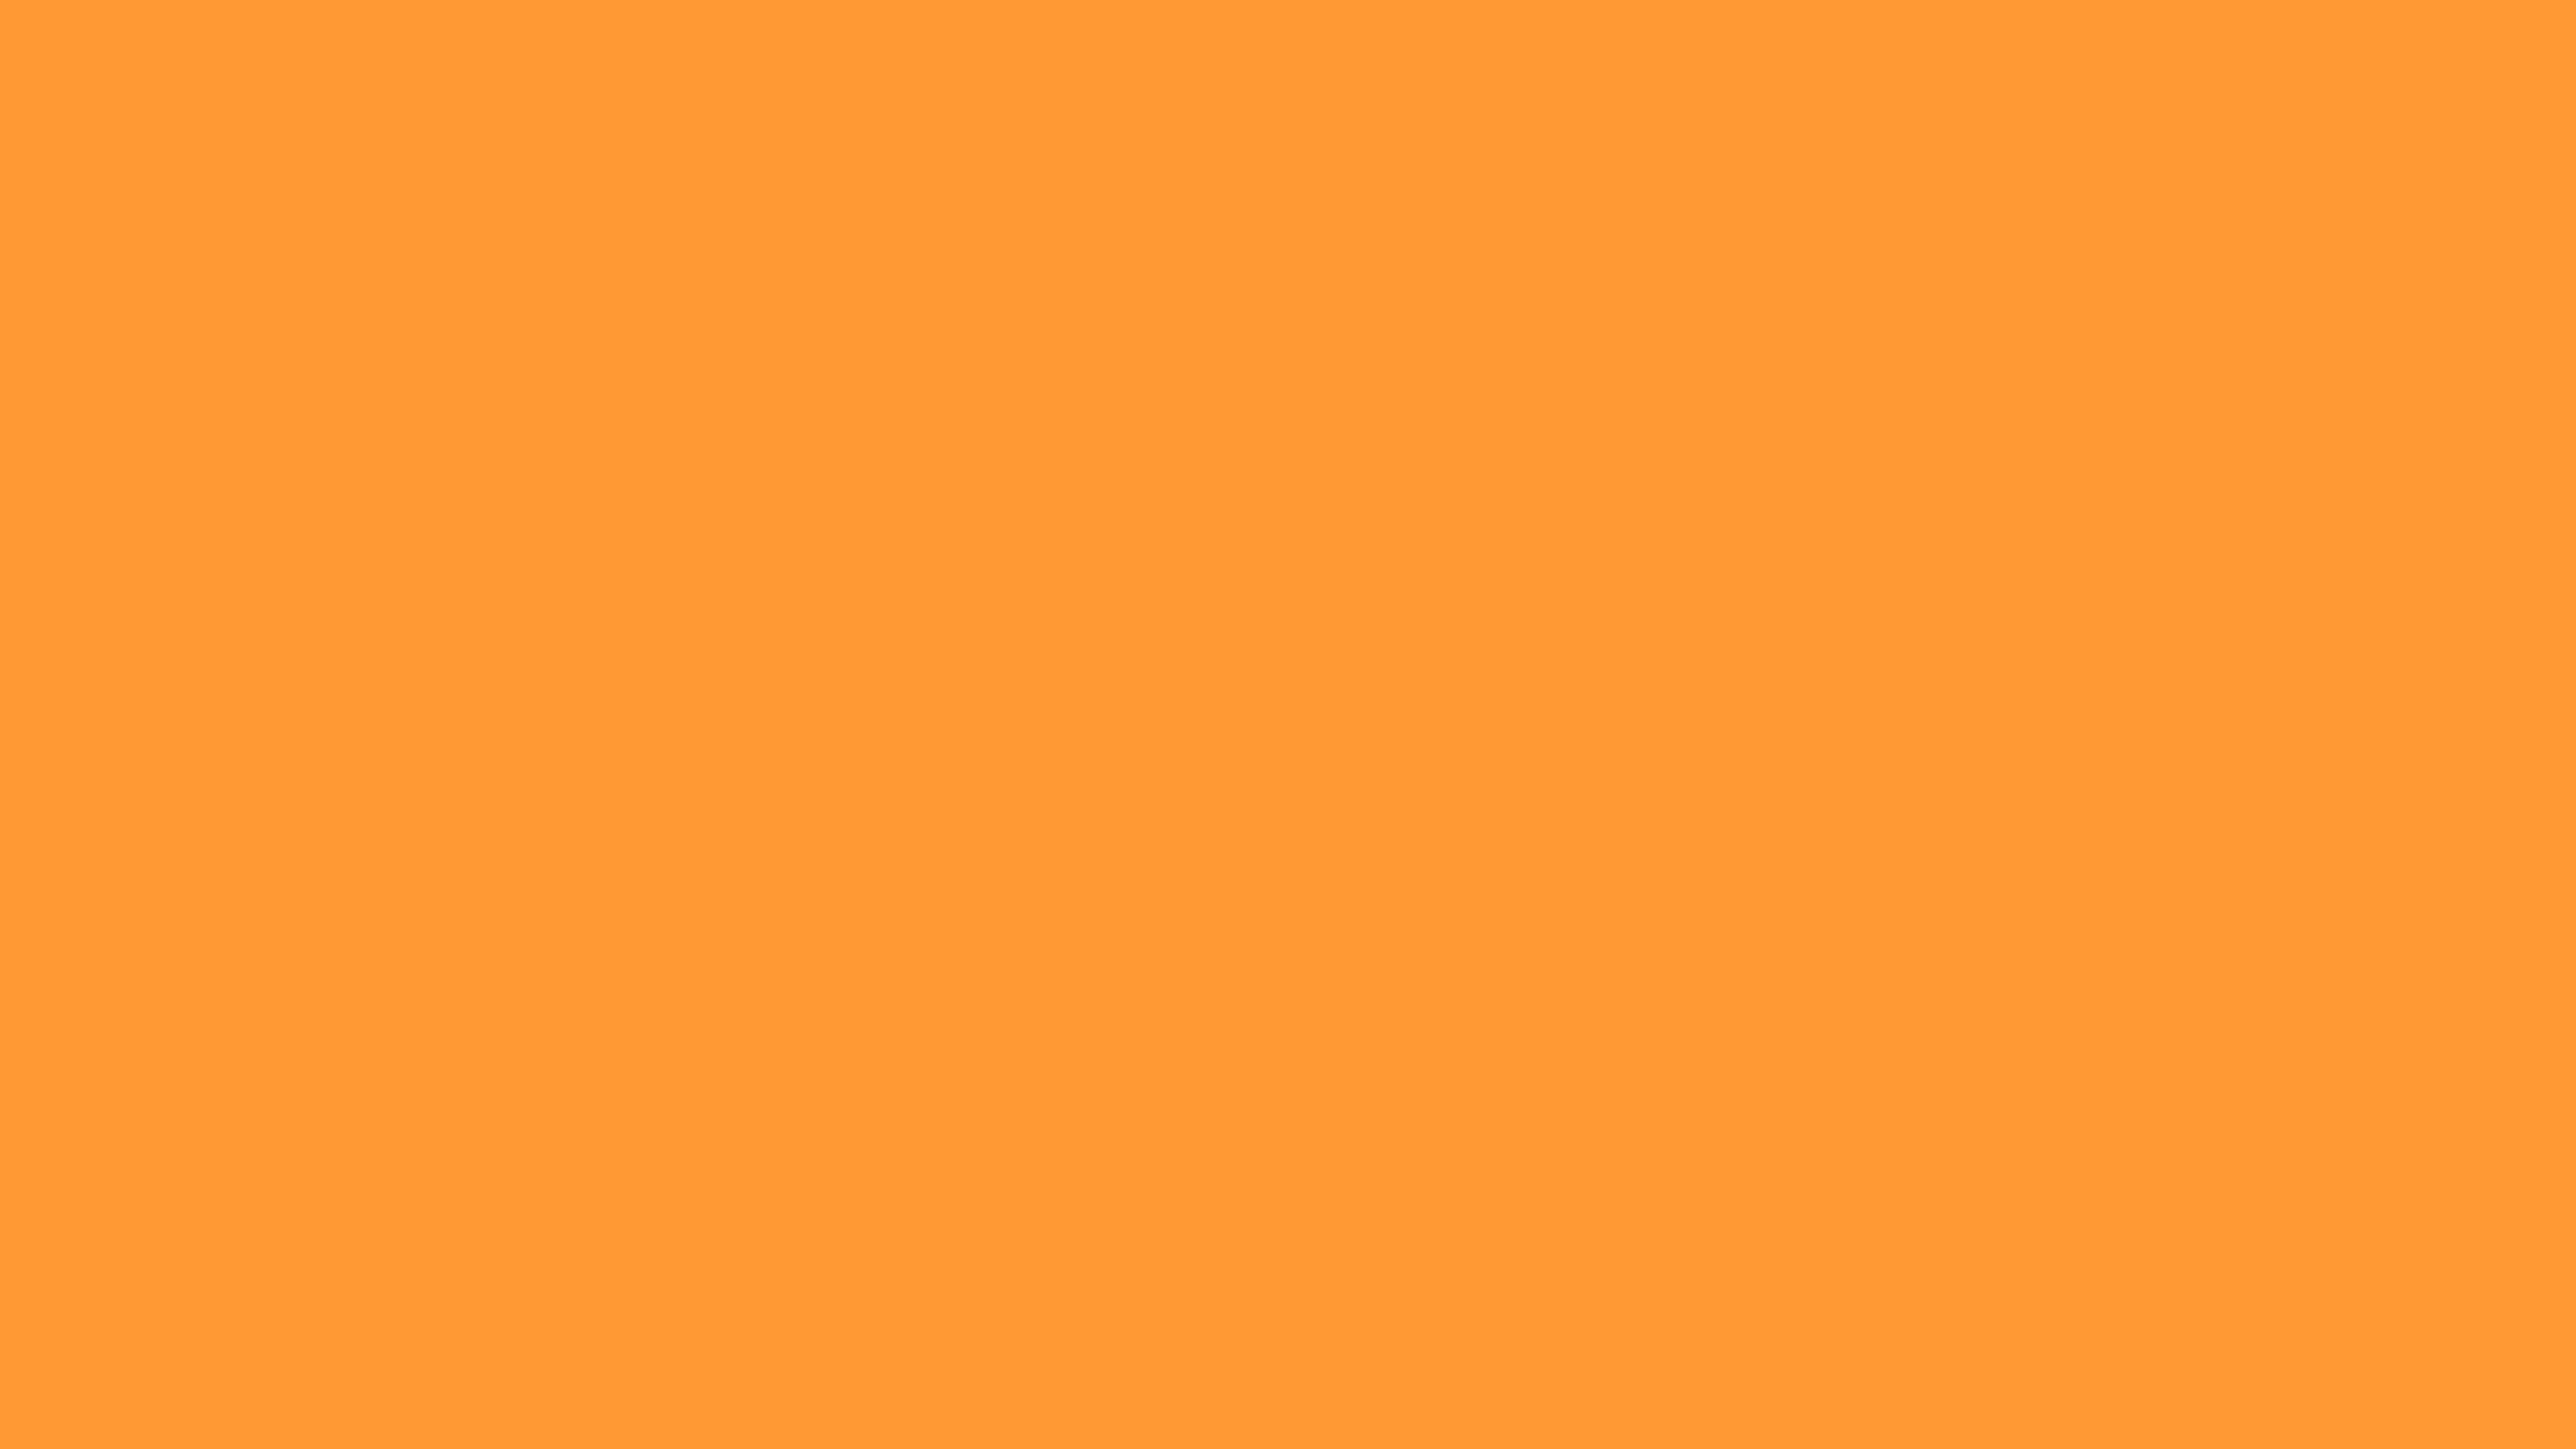 3840x2160 Deep Saffron Solid Color Background